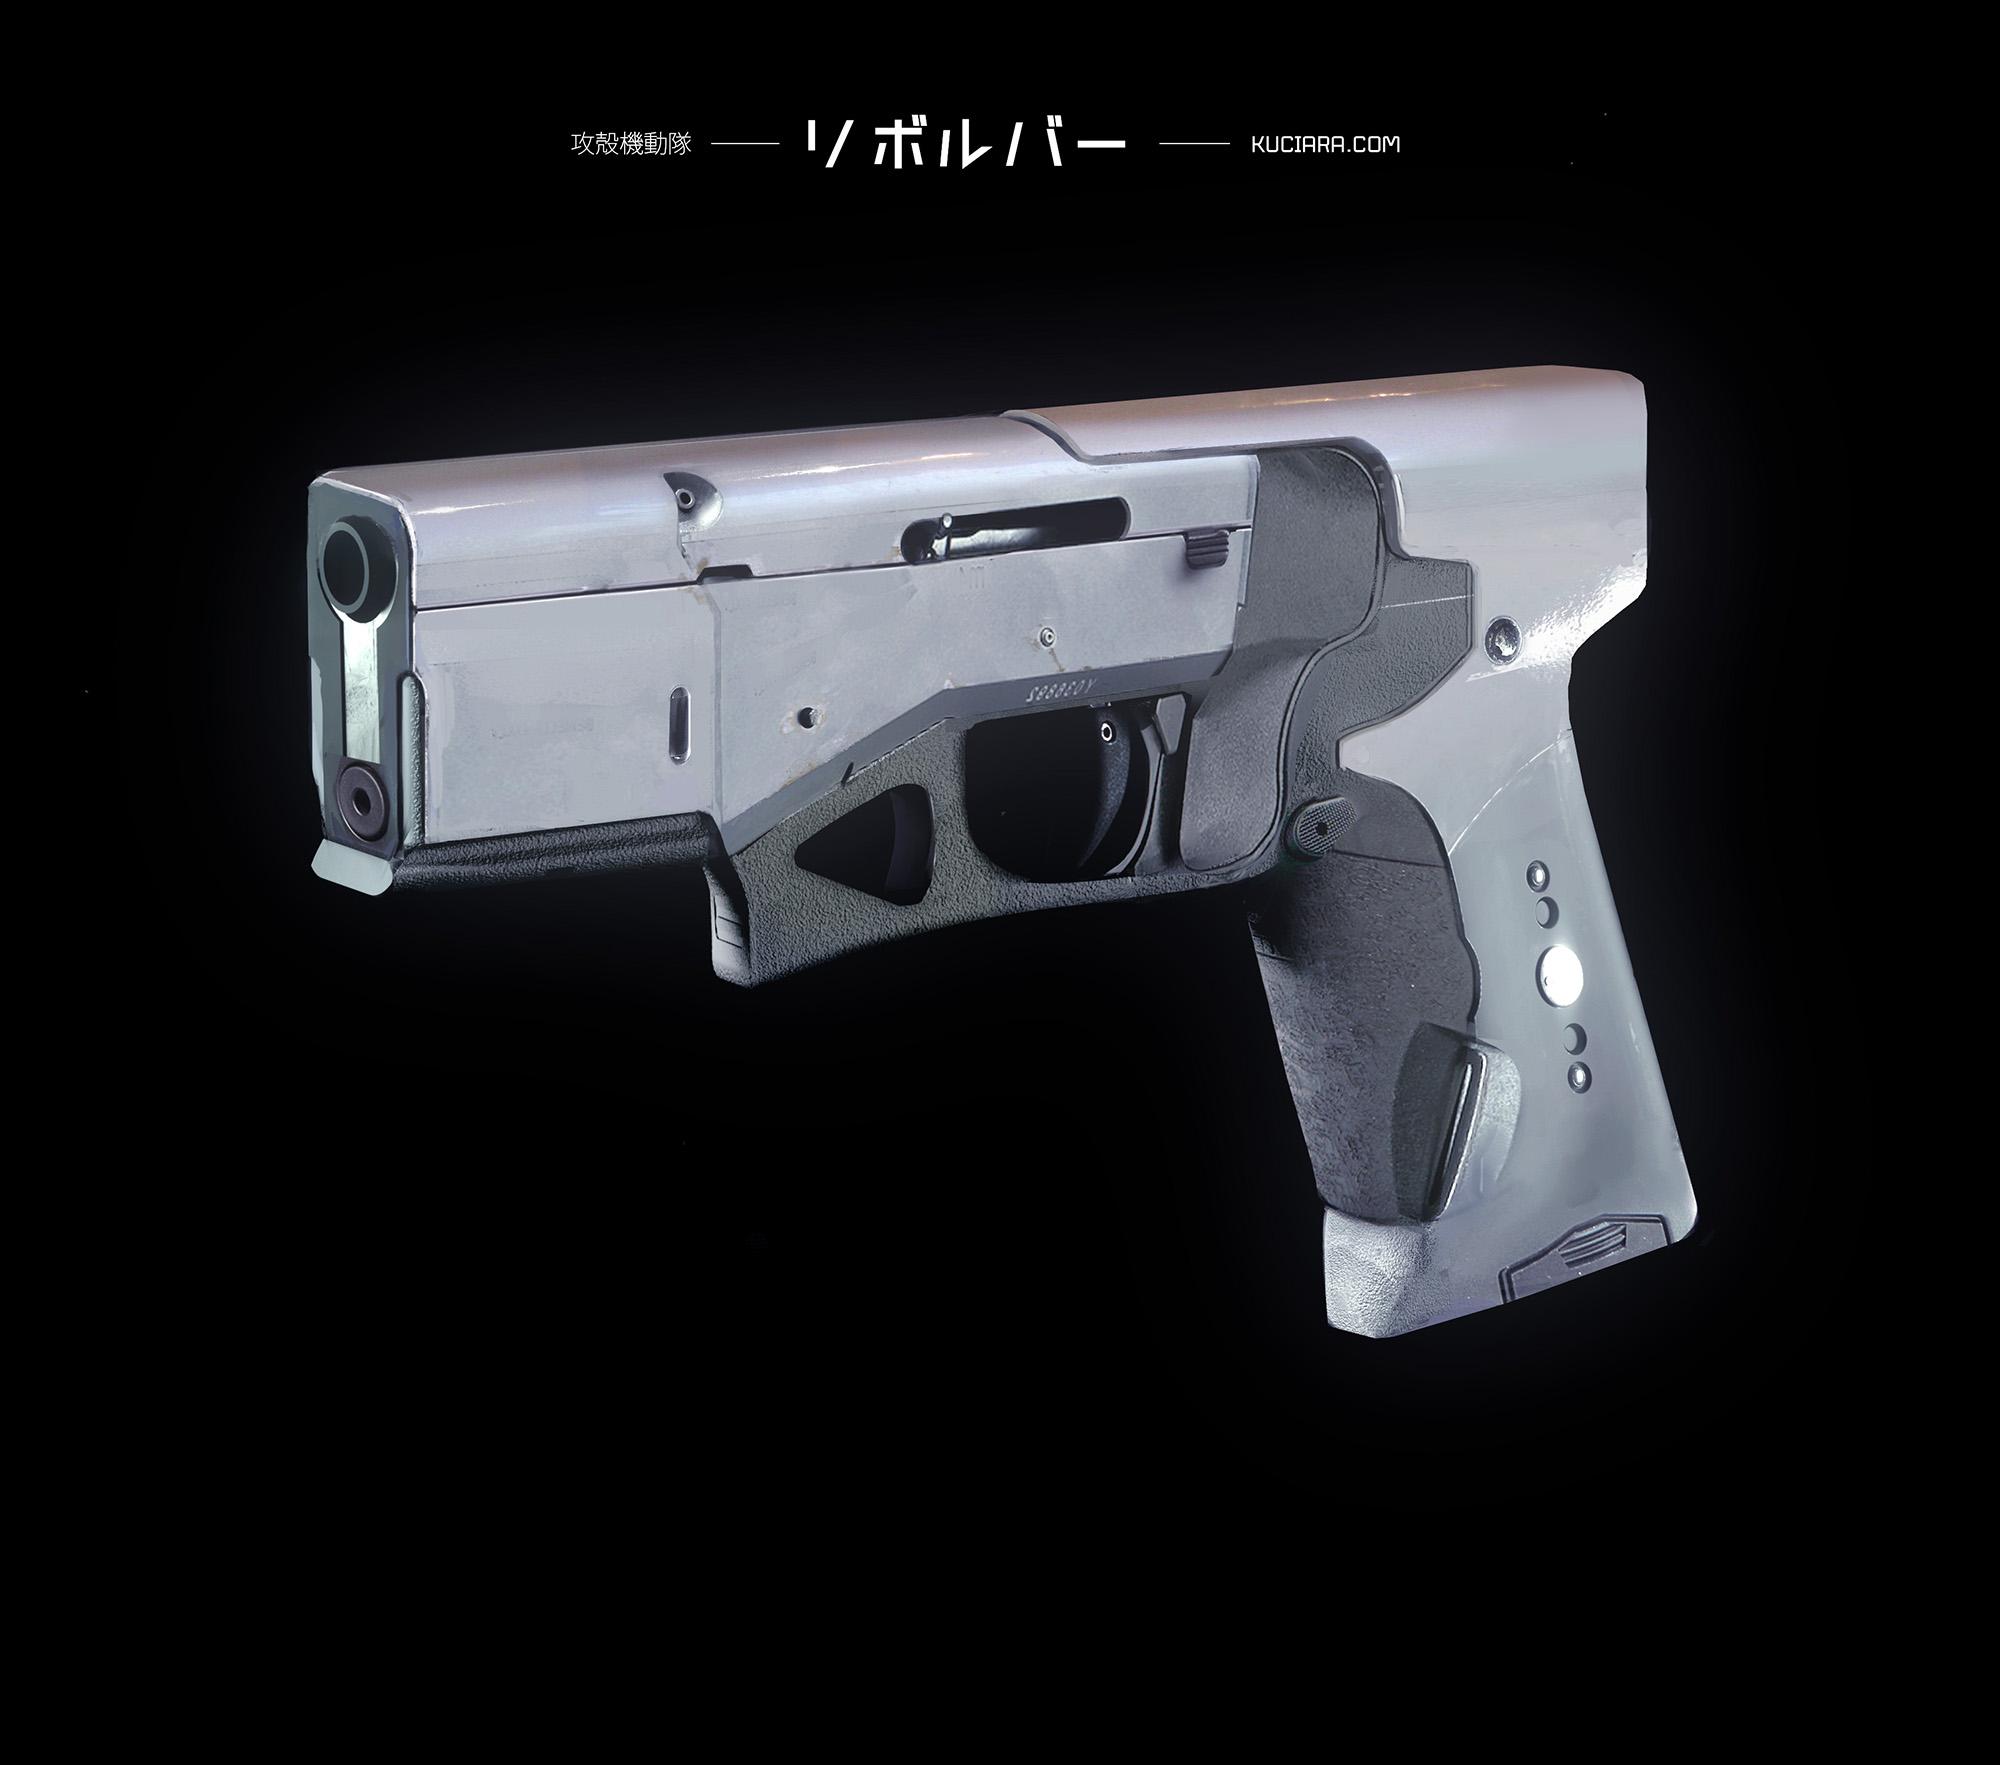 092115_WPN_Major_Pistol_MK_v001C.jpg